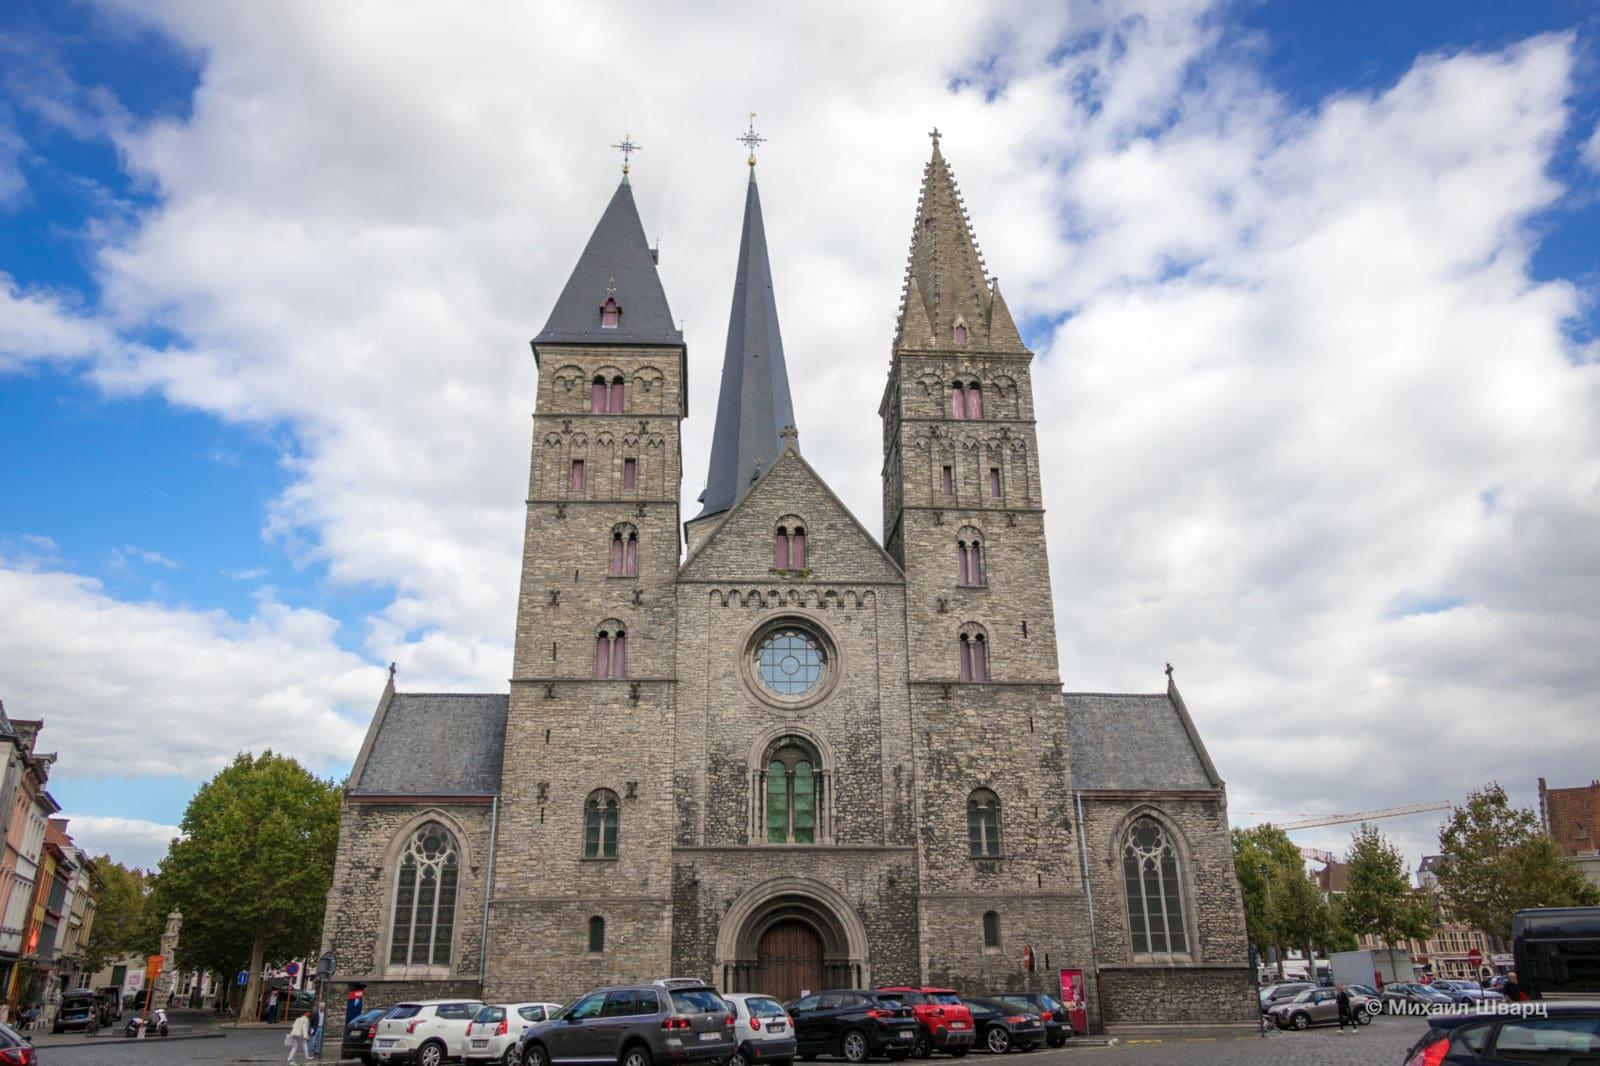 Церковь Святого Иакова (Sint-Jacobskerk)